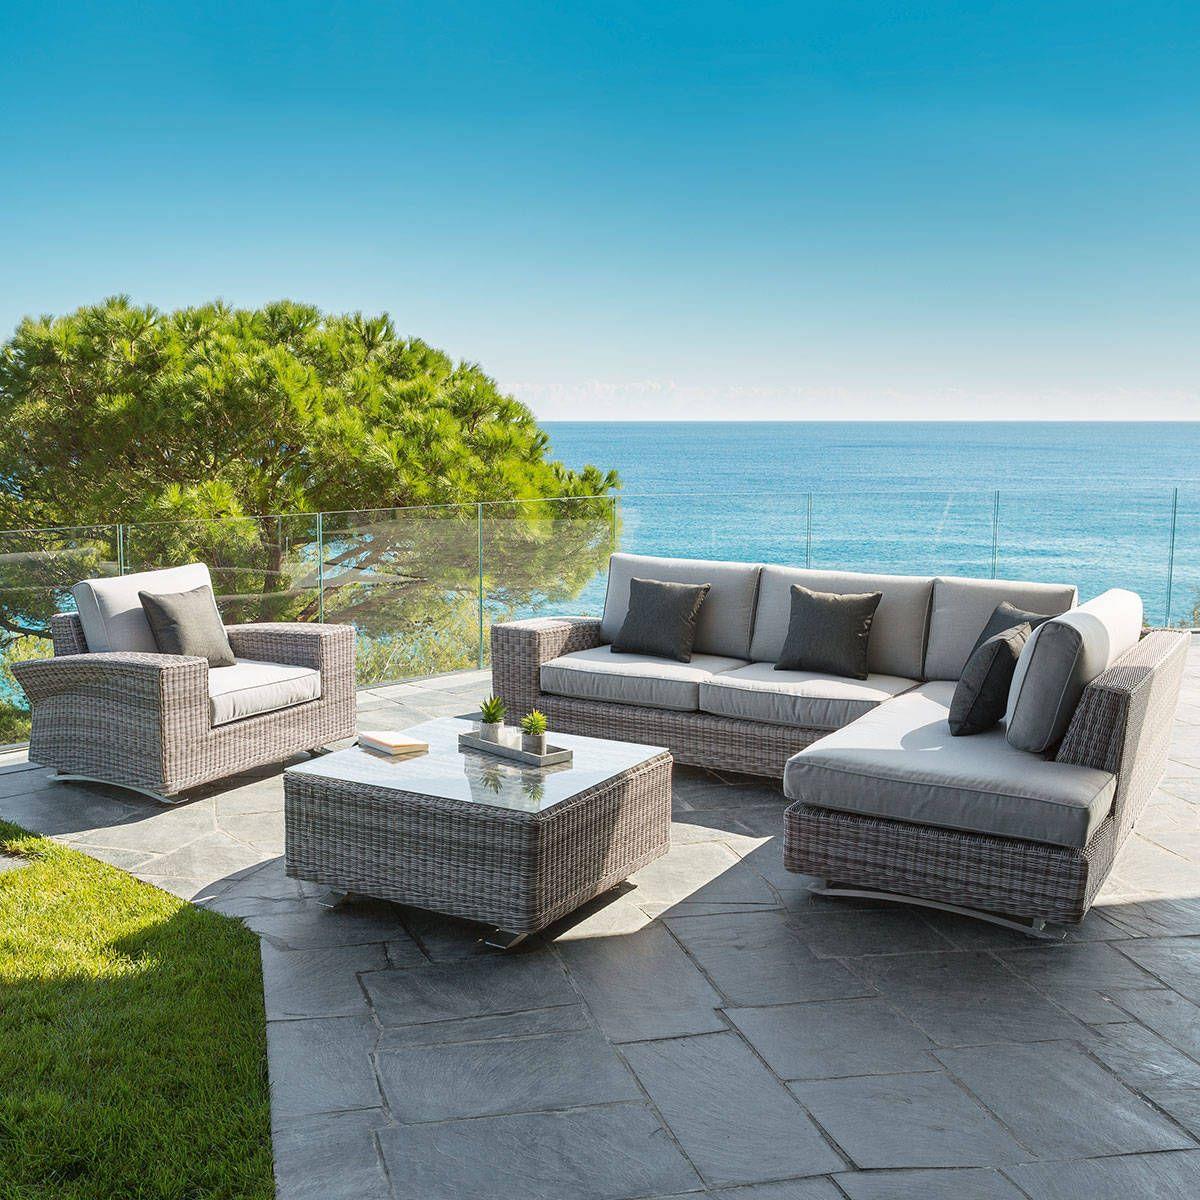 Beautiful Salon De Jardin Square Taupe Images - House Design ...